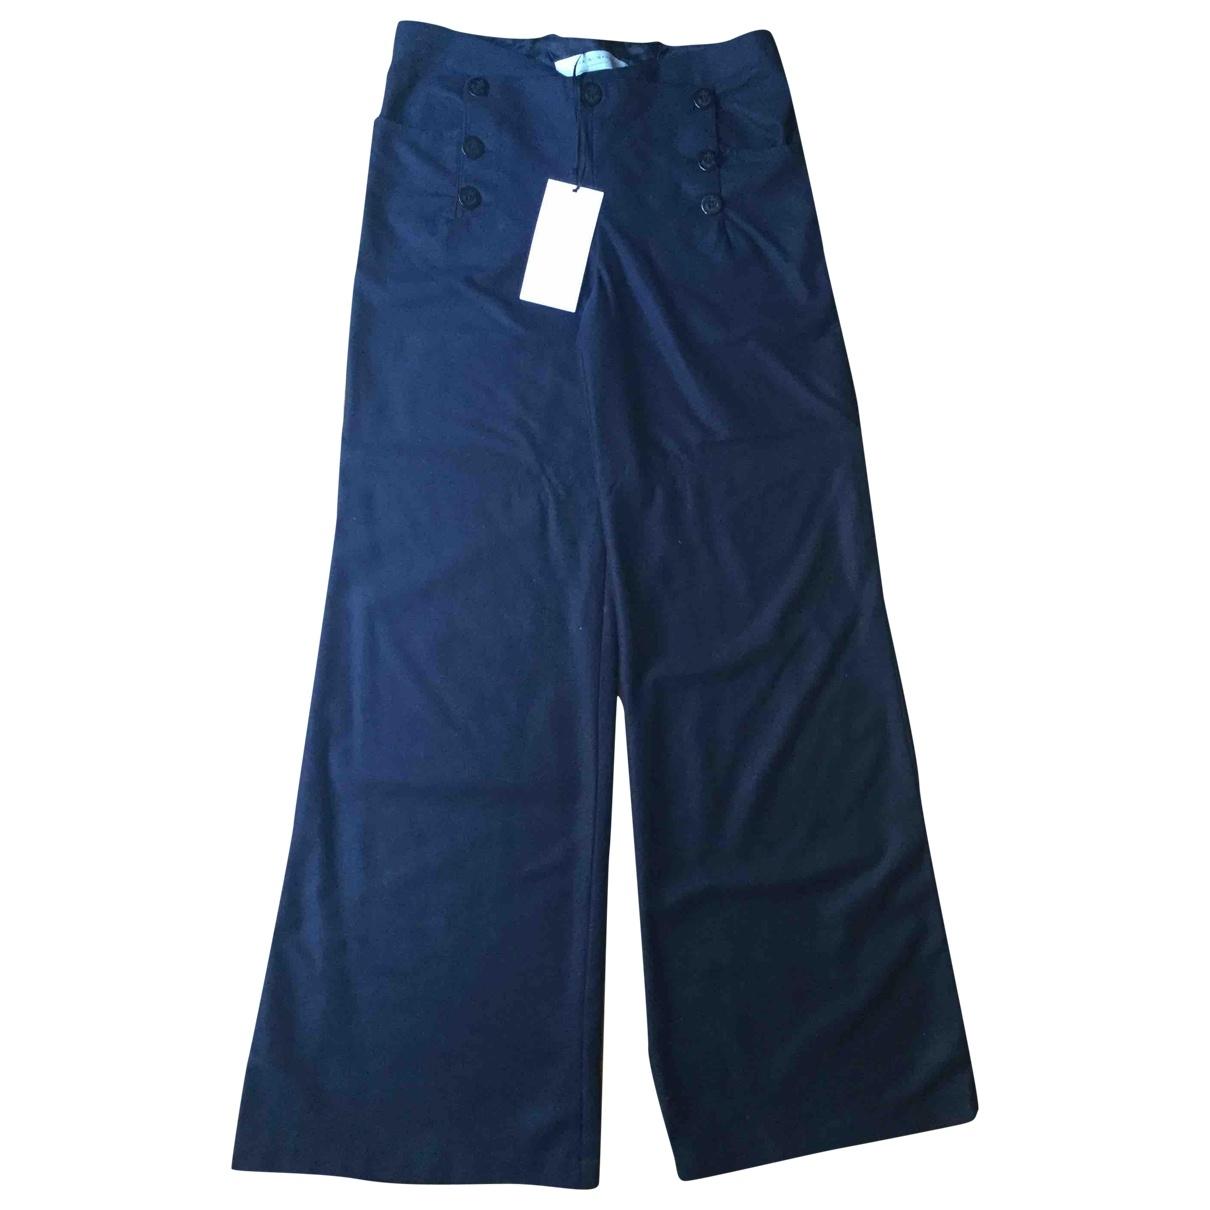 Zara \N Hose in  Blau Wolle